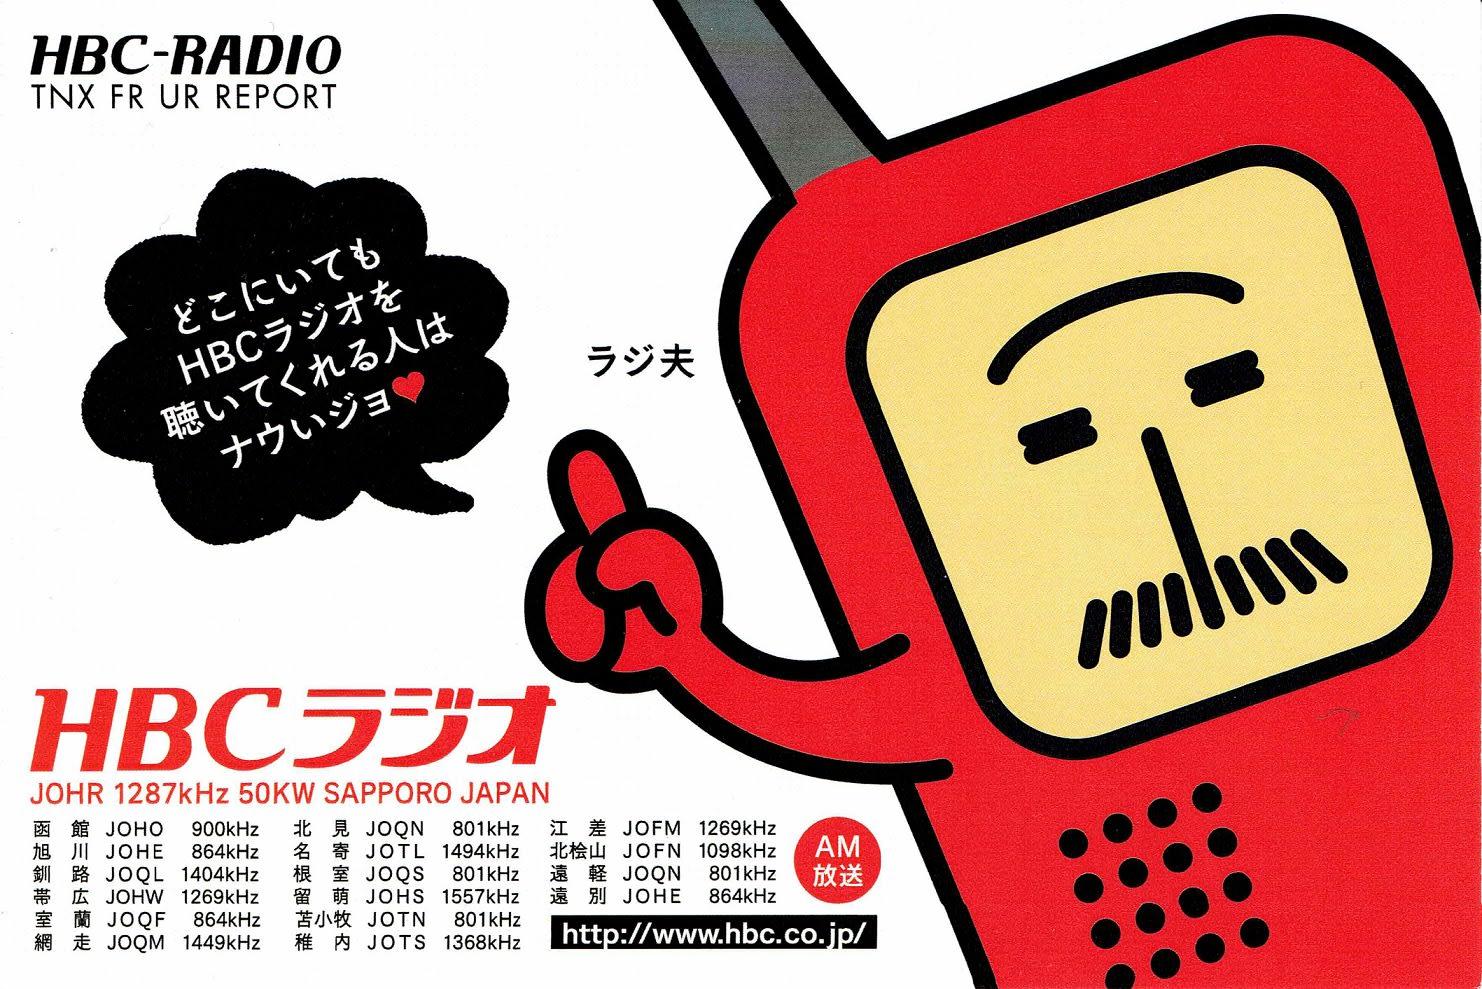 ラジオ みる ラジ hbc 山根あゆみのラジオ業務日誌